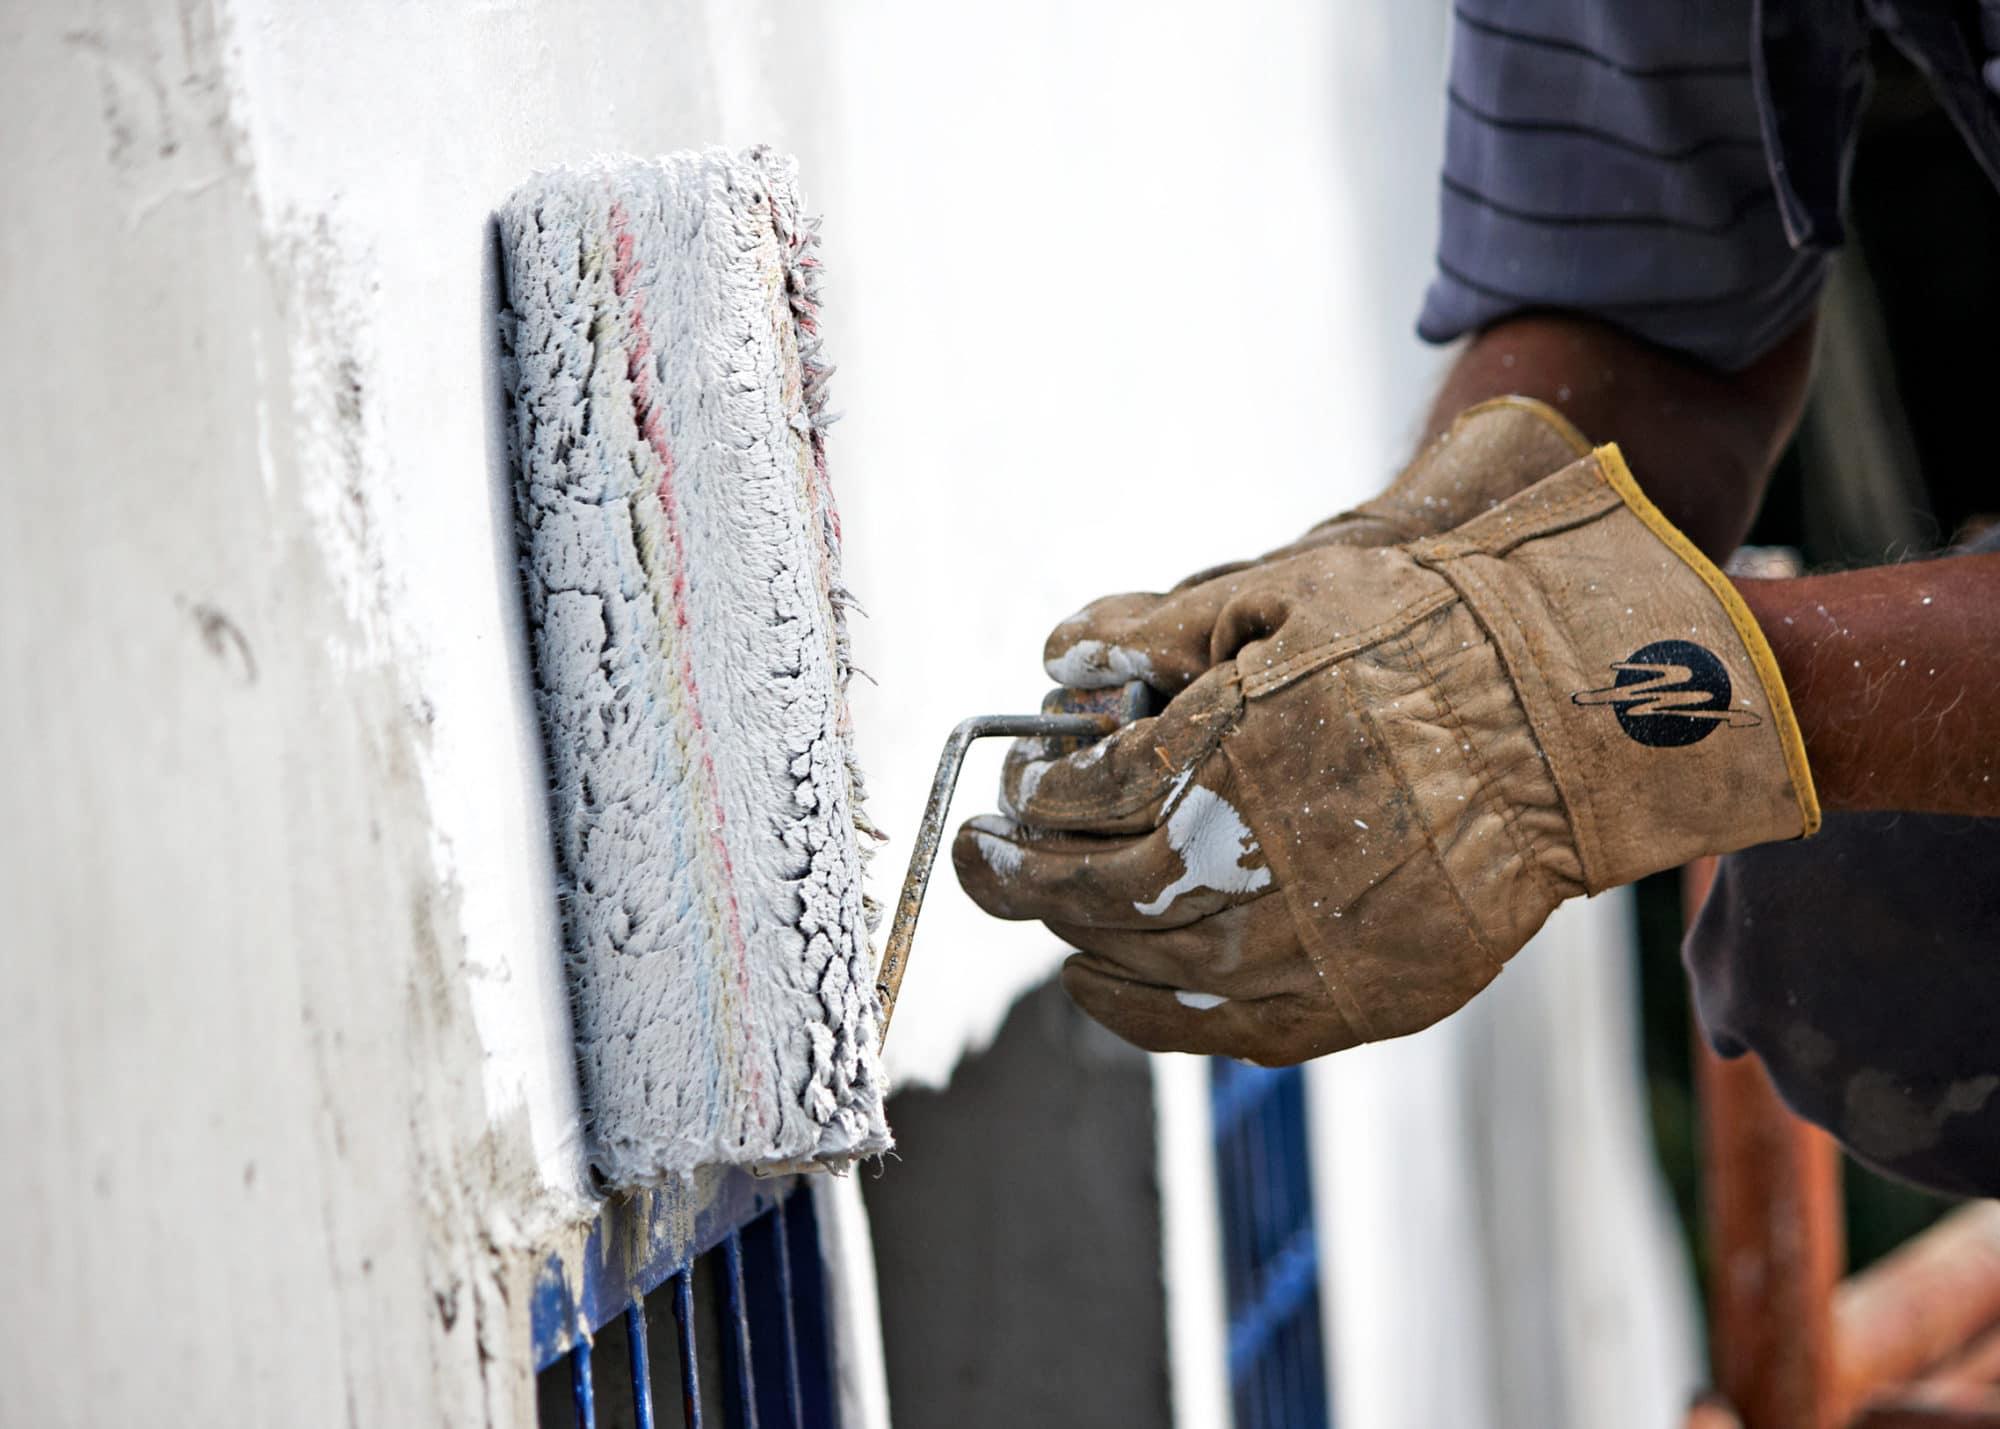 Revêtement de rénovation ou ravalement de façade